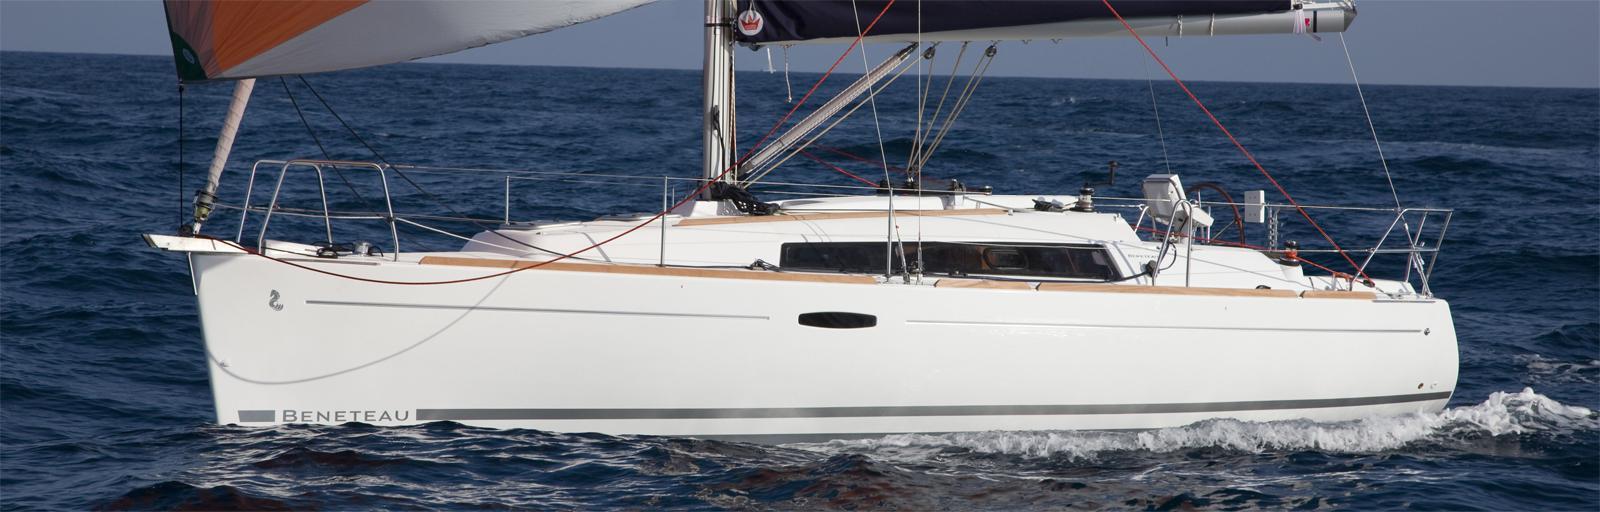 Oceanis 31 - bénéteau